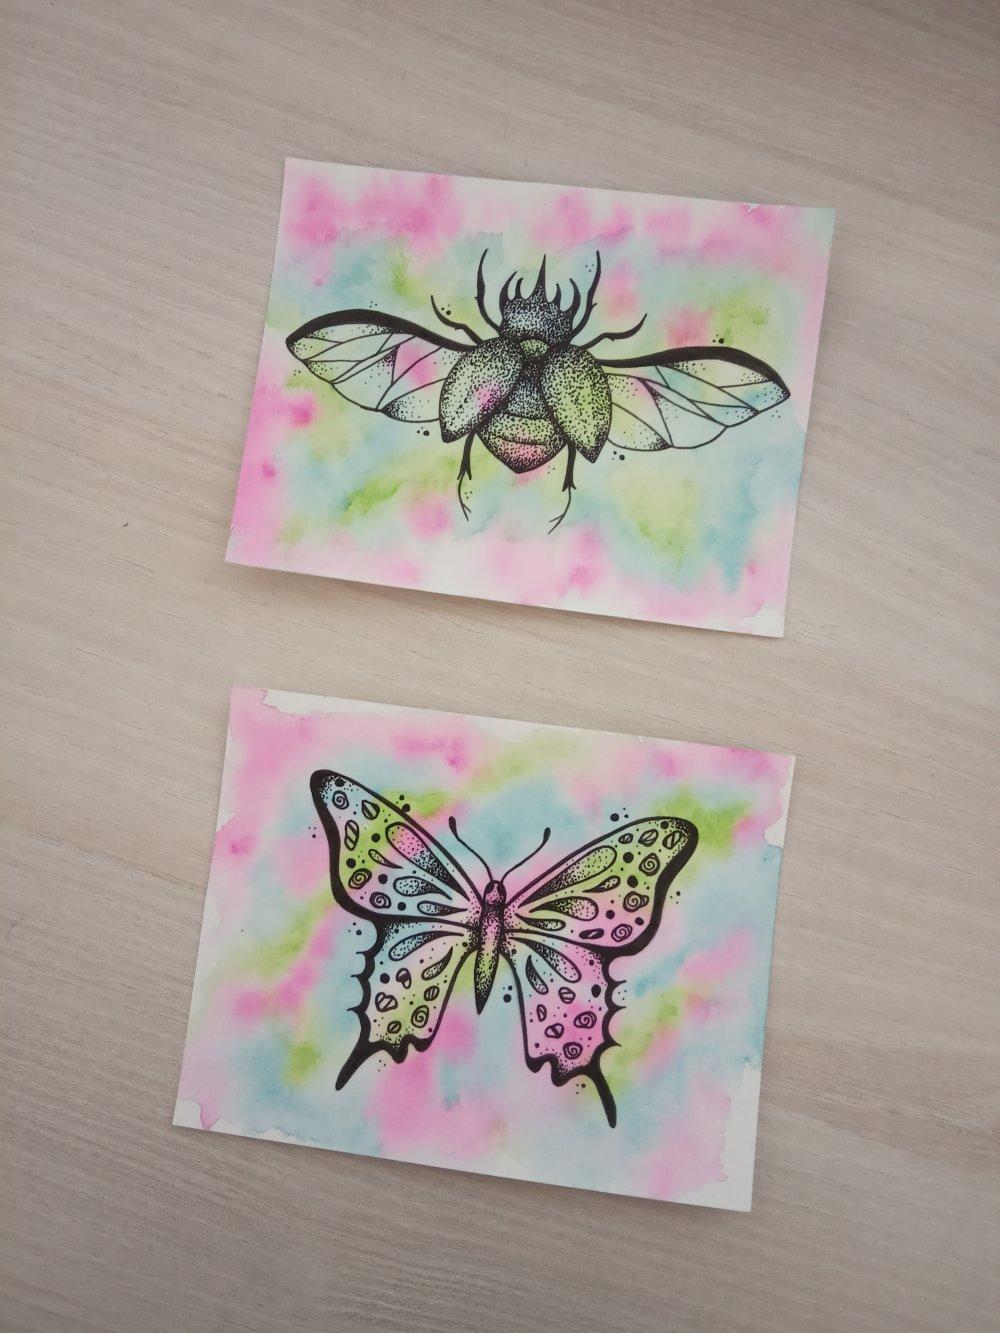 Deux petits dessins originaux, insectes, aquarelle, format 10 X 13 cm